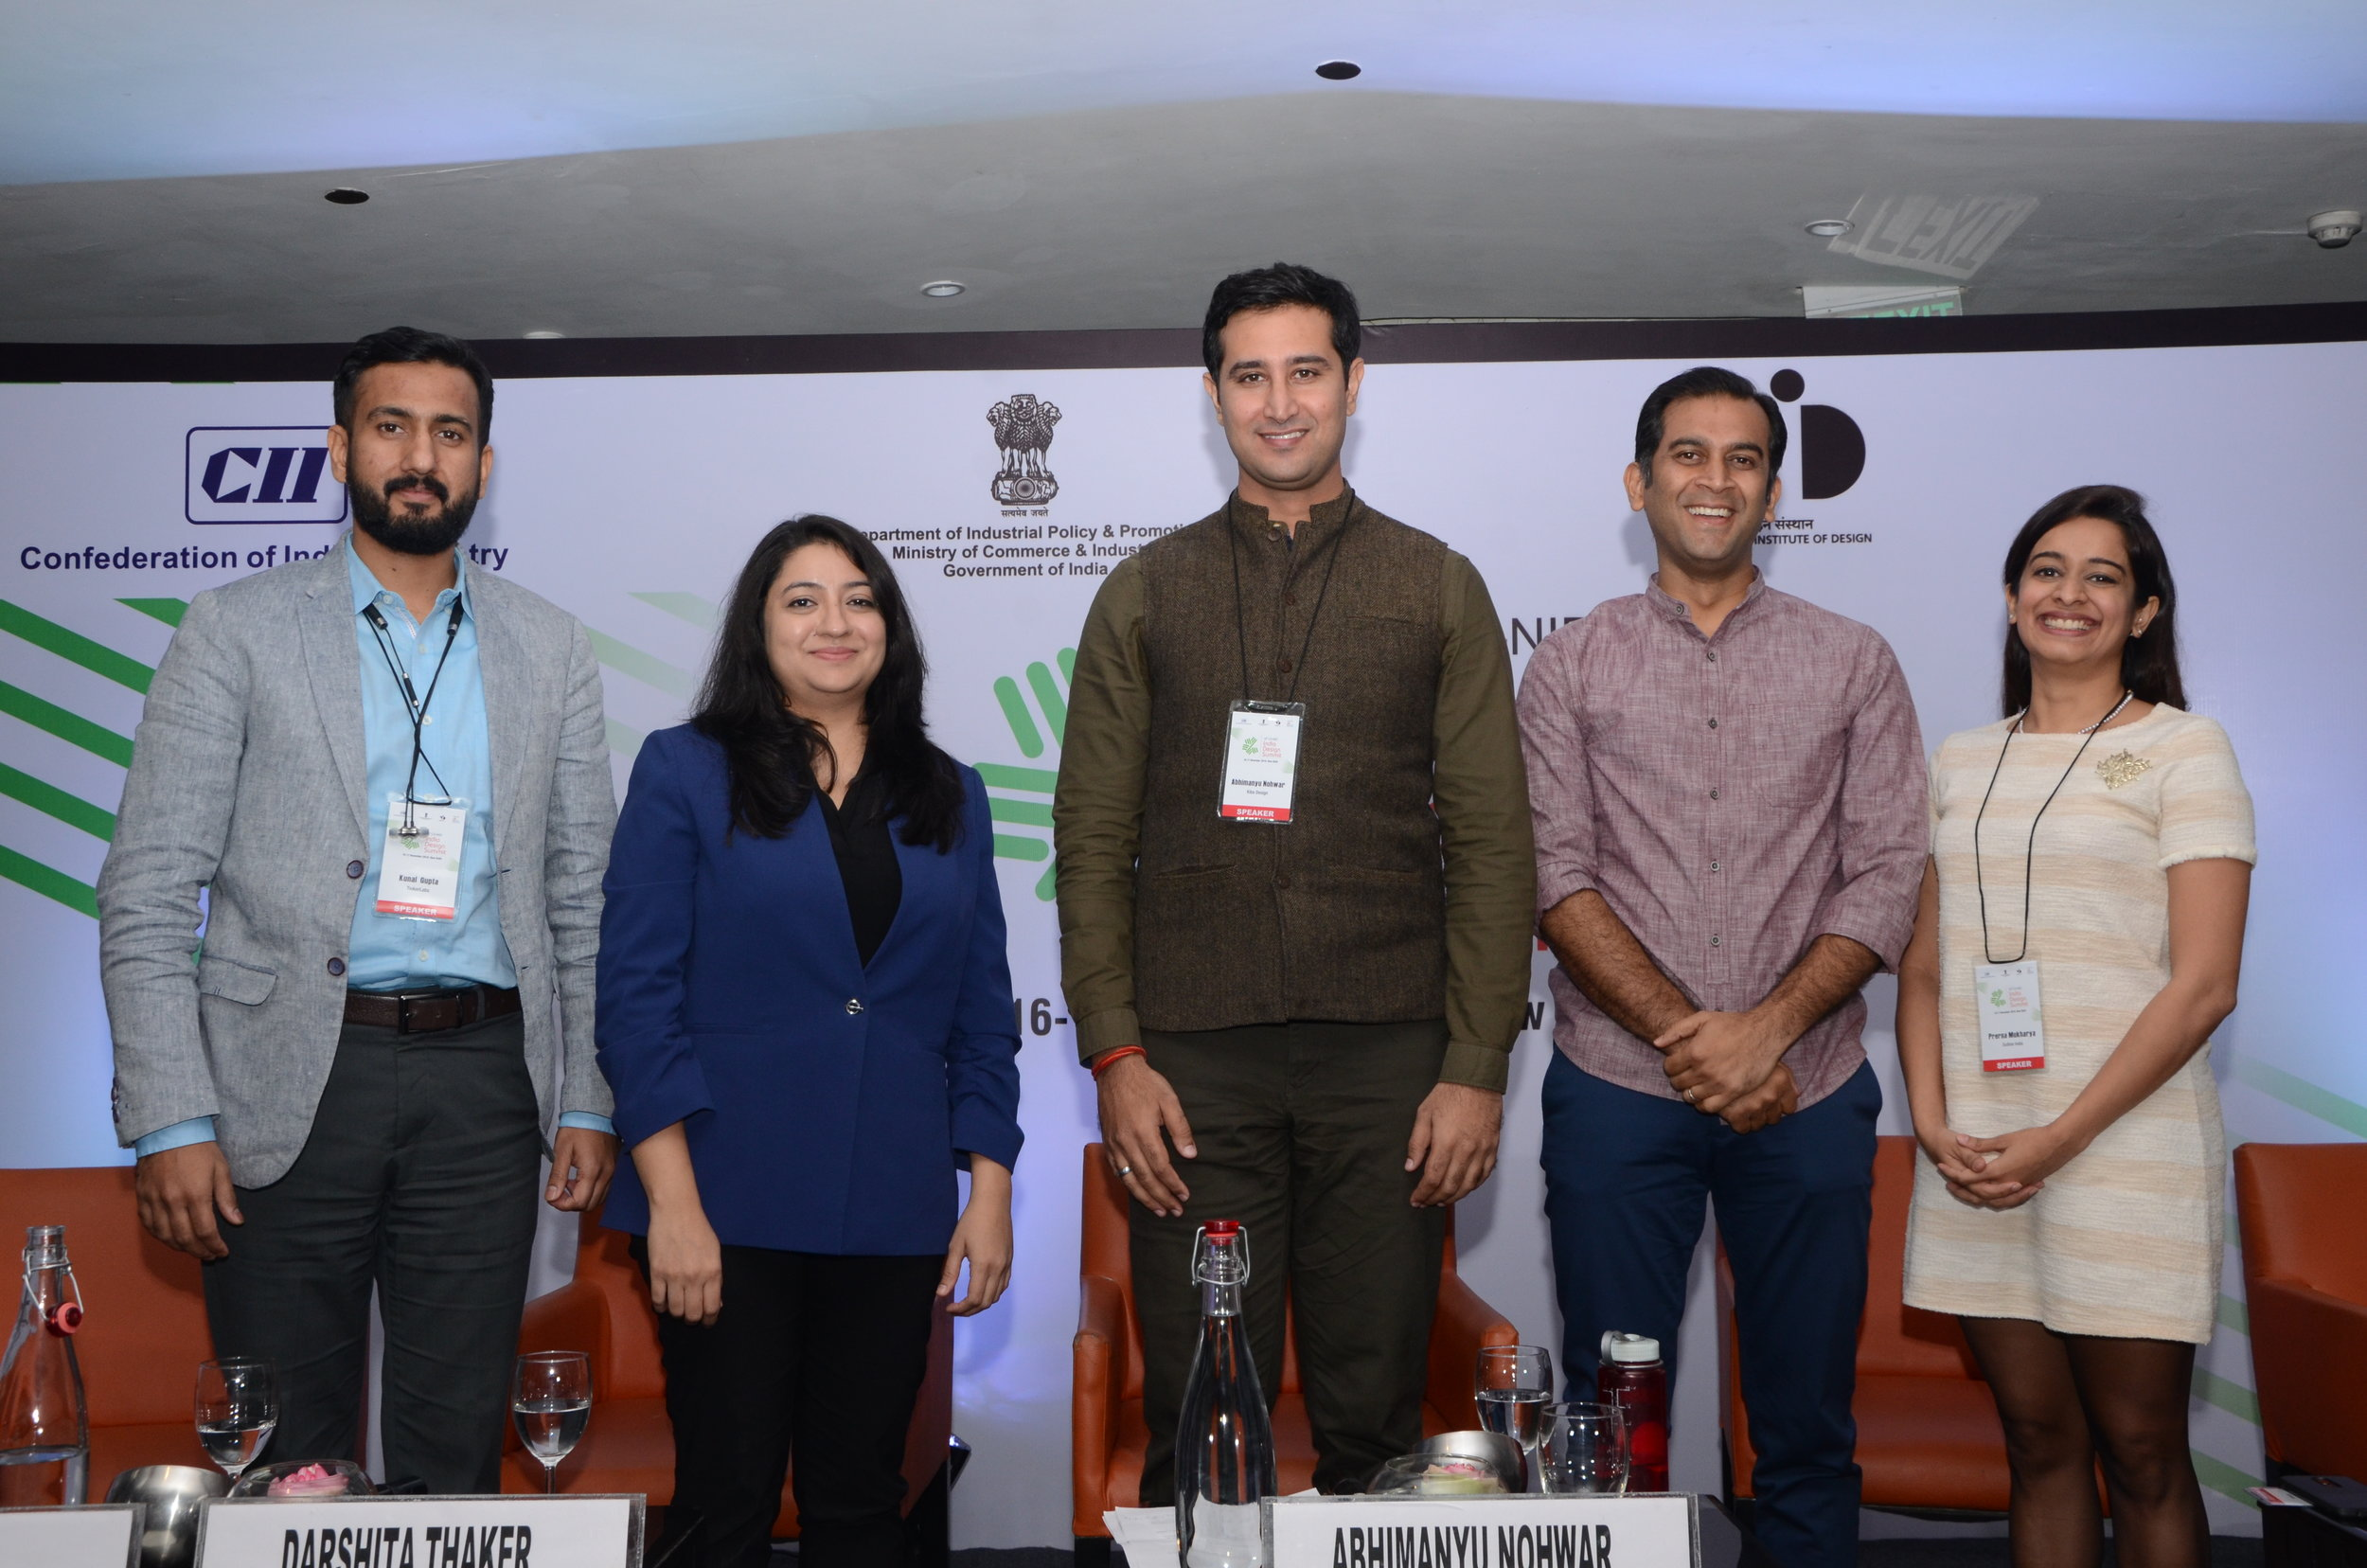 Abhimanyu Nohwar at CII India Design Summit 2018 - 2.JPG